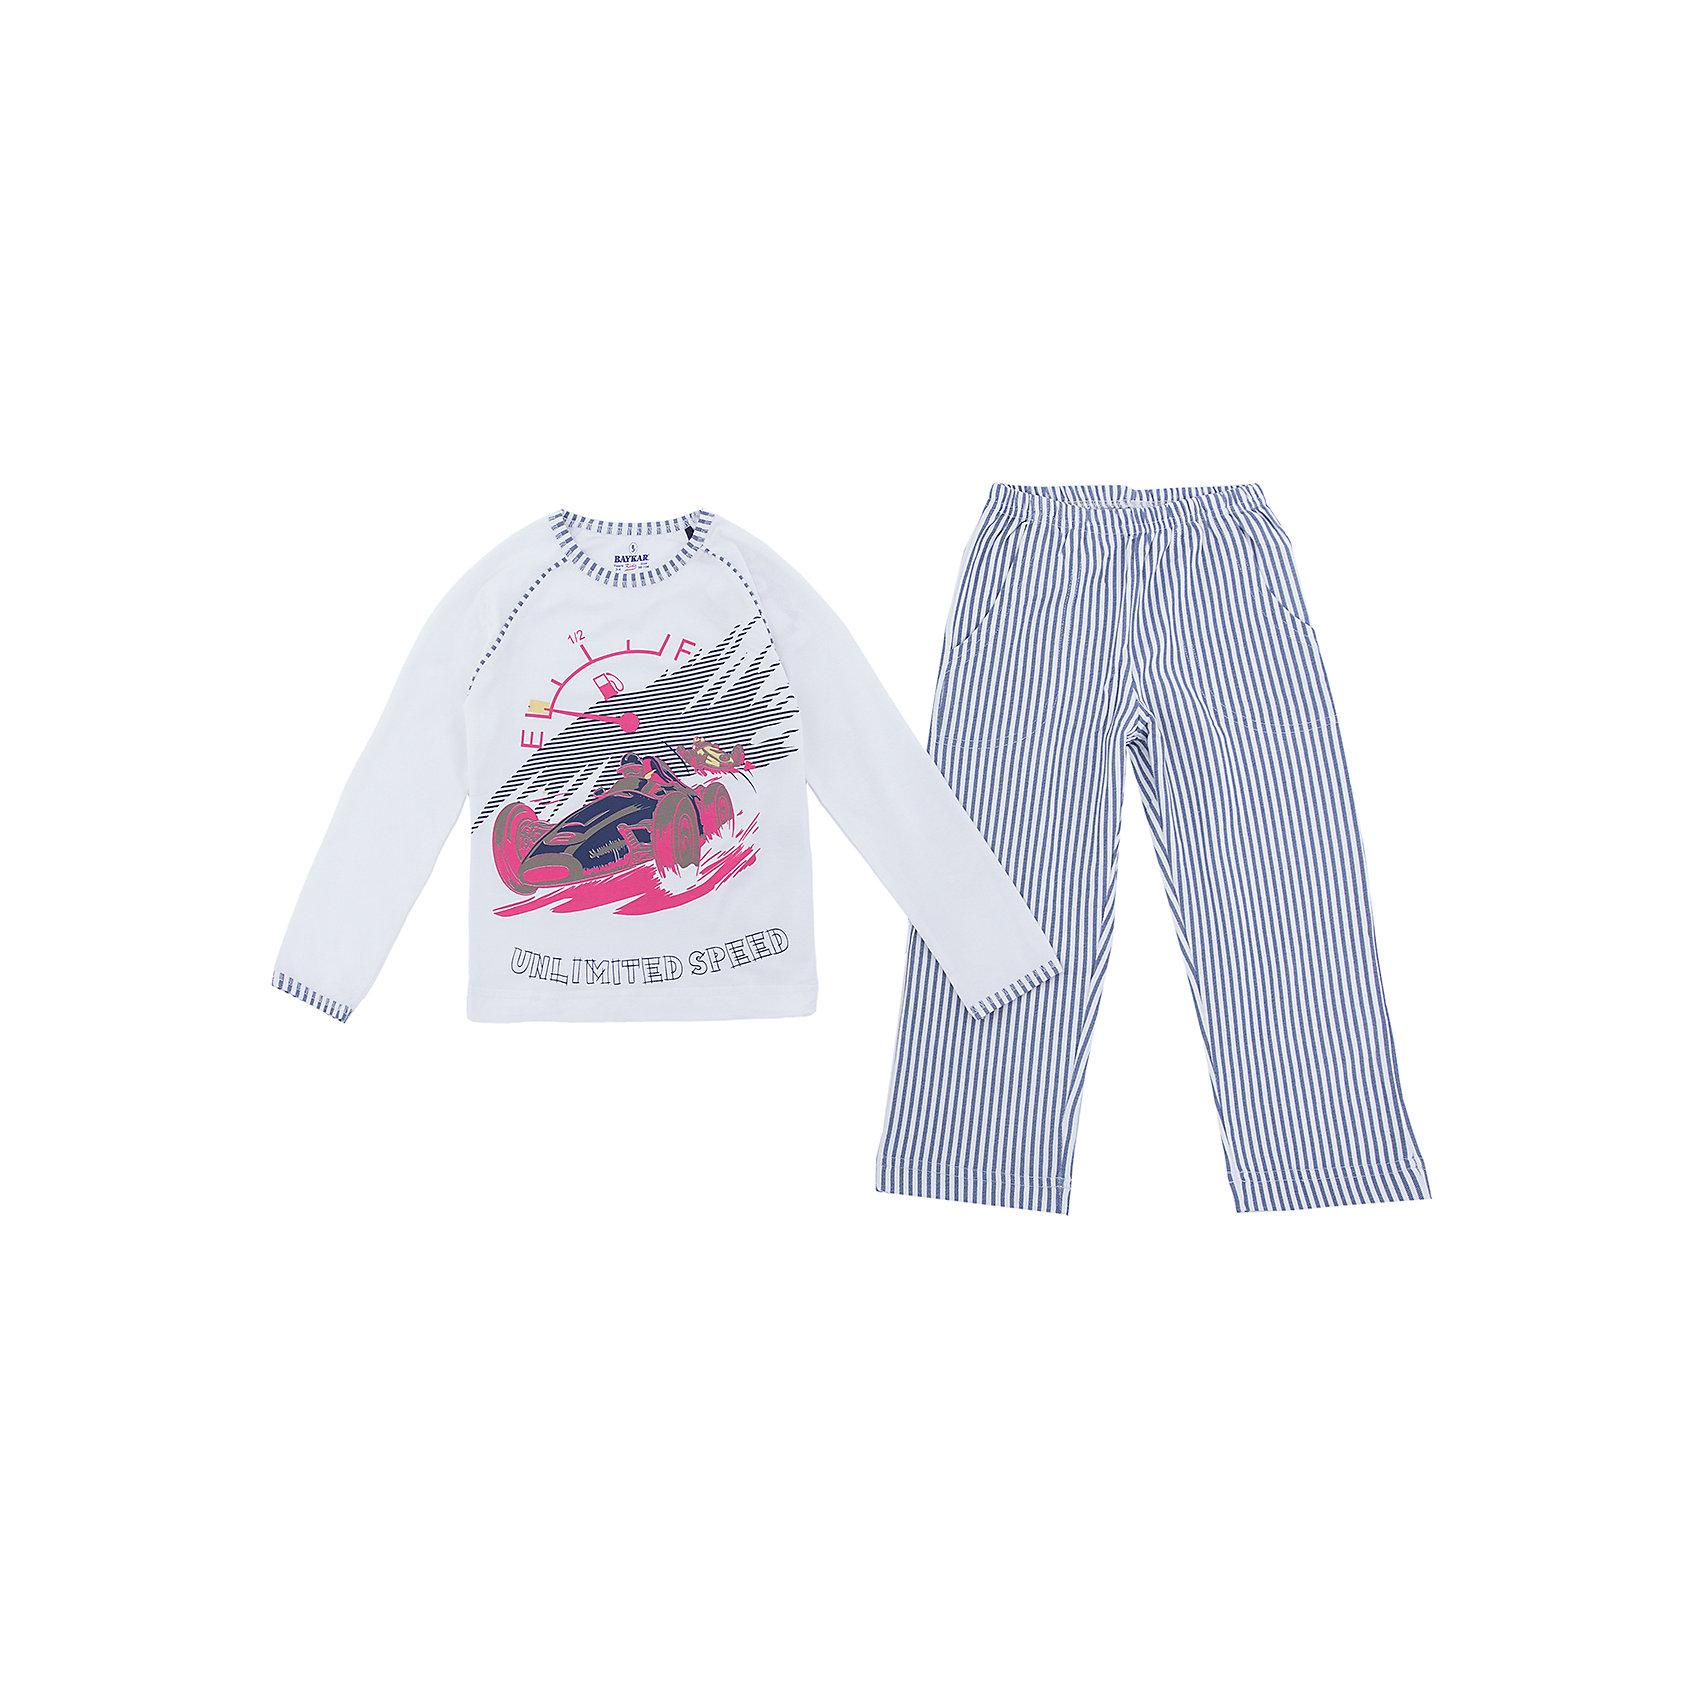 Пижама для мальчика BaykarПижамы и сорочки<br>Характеристики товара:<br><br>• цвет: белый<br>• состав ткани: 95% хлопок; 5% эластан<br>• комплектация: кофта, брюки<br>• пояс брюк: резинка<br>• сезон: круглый год<br>• страна бренда: Турция<br>• страна изготовитель: Турция<br><br>Белая пижама для мальчика Baykar украшена симпатичным принтом. Этот комплект для сна из кофты и брюк сделан из мягкого дышащего материала. <br><br>Качественная пижама для мальчика позволяет обеспечить комфортный сон. Продуманный крой обеспечивает комфортную посадку. <br><br>Пижаму для мальчика Baykar (Байкар) можно купить в нашем интернет-магазине.<br><br>Ширина мм: 281<br>Глубина мм: 70<br>Высота мм: 188<br>Вес г: 295<br>Цвет: белый<br>Возраст от месяцев: 72<br>Возраст до месяцев: 84<br>Пол: Мужской<br>Возраст: Детский<br>Размер: 116/122,98/104,104/110,110/116<br>SKU: 6764757